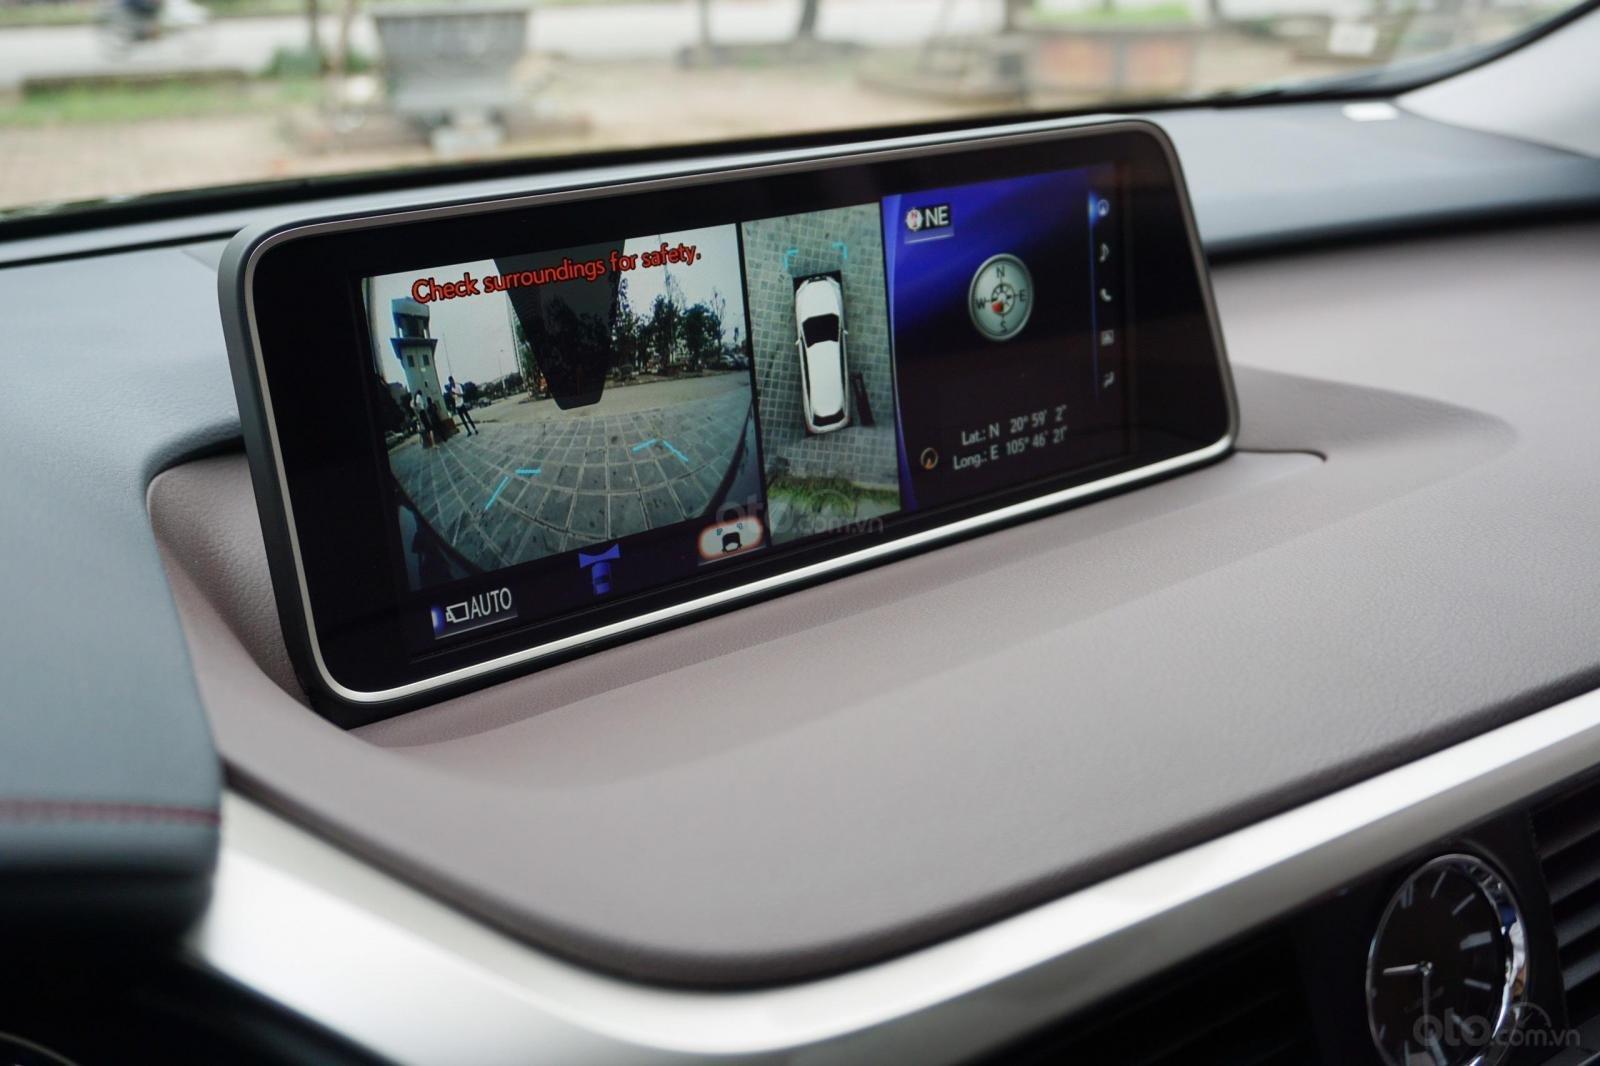 Bán ô tô Lexus RX 350 SX 2019, xe nhập Mỹ full kịch options, giá tốt, giao ngay toàn quốc, LH 093.996.2368 Ms Ngọc Vy (19)